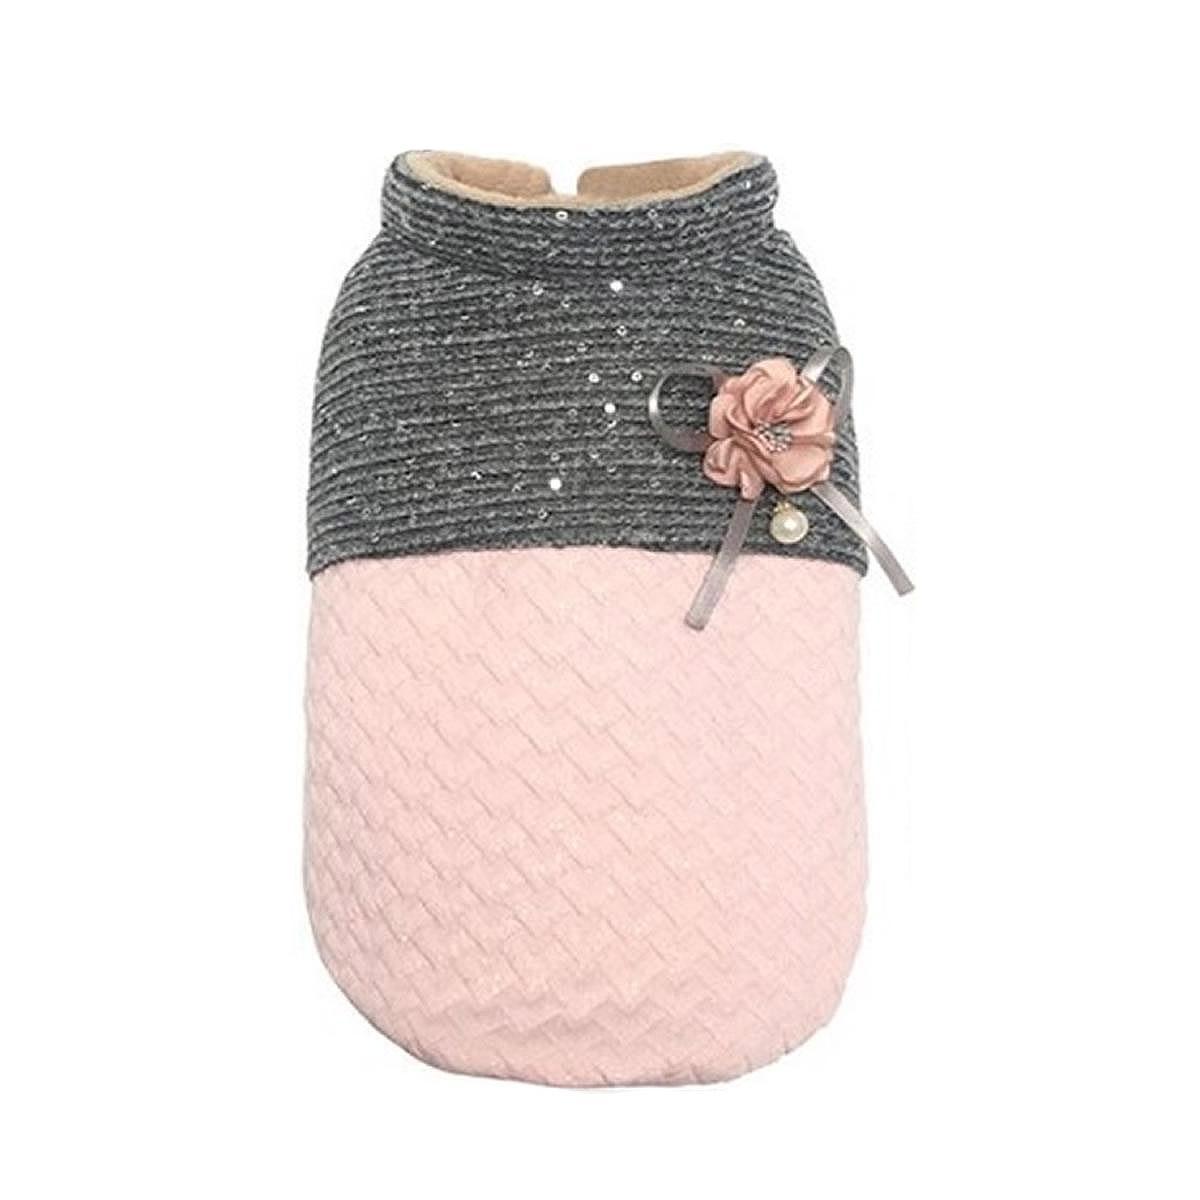 Parisian Pet Scalloped Dog Jacket - Pink and Gray